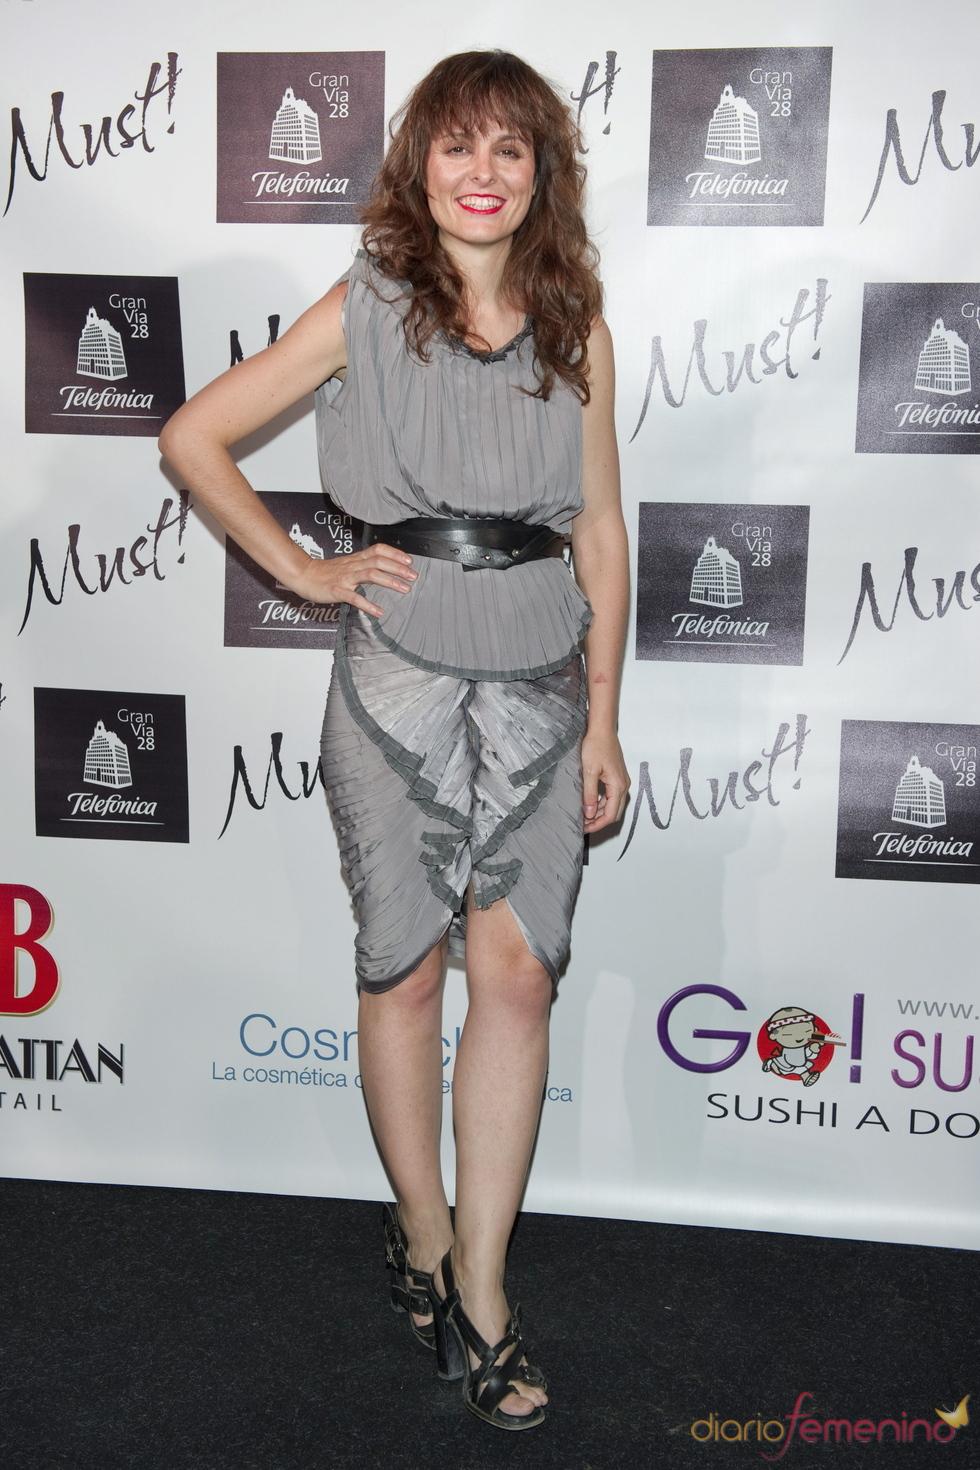 Ana Locking en la gala de los premios Must 2011